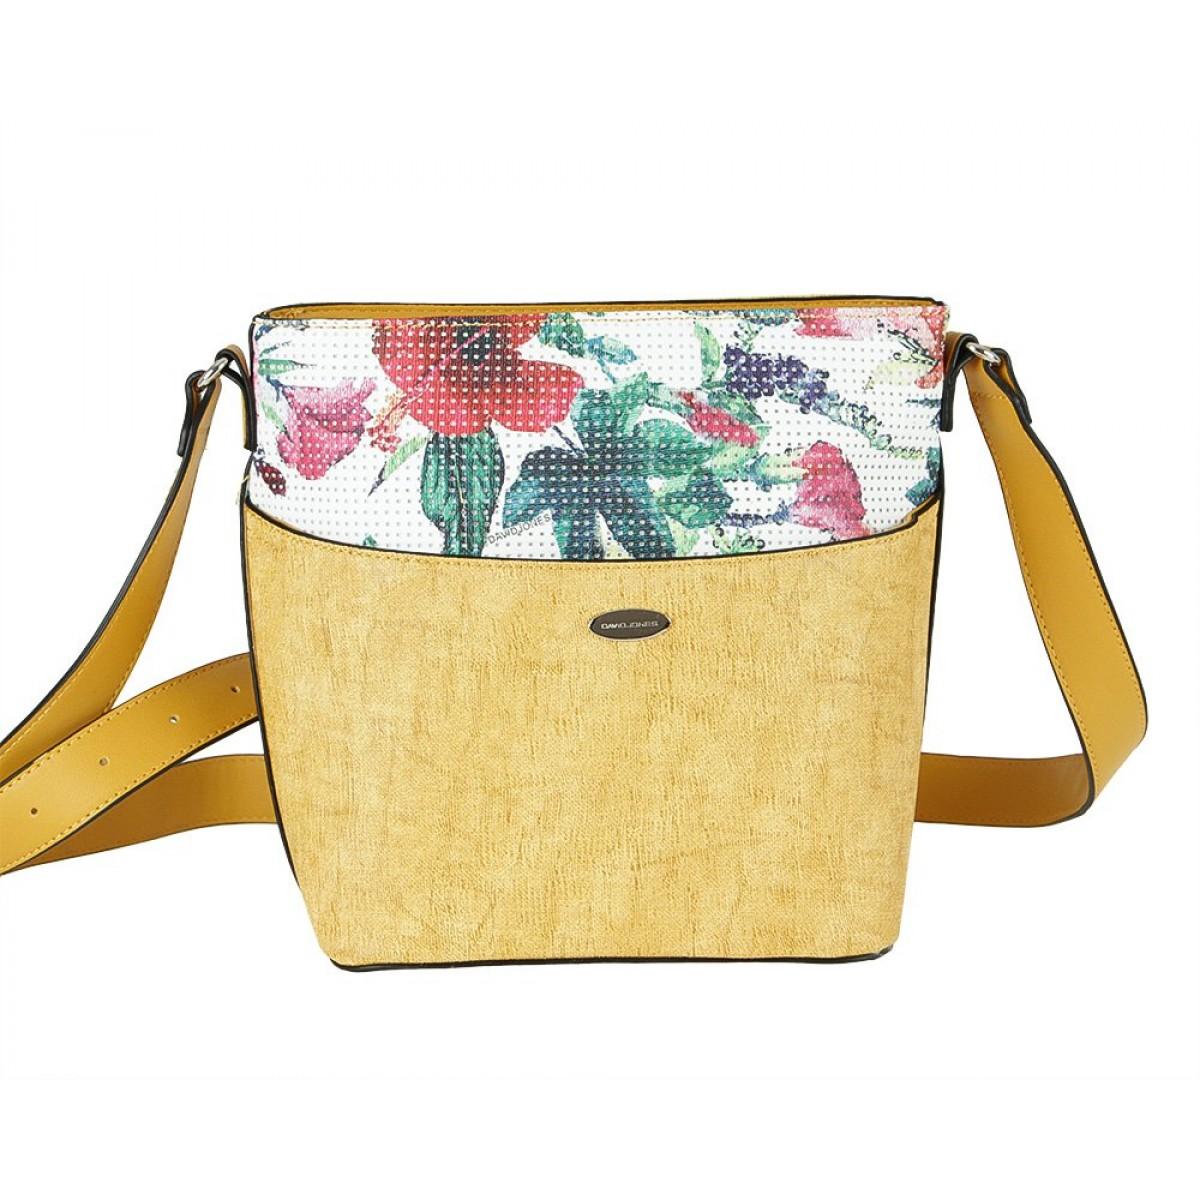 Жіноча сумка David Jones 6298-1 YELLOW